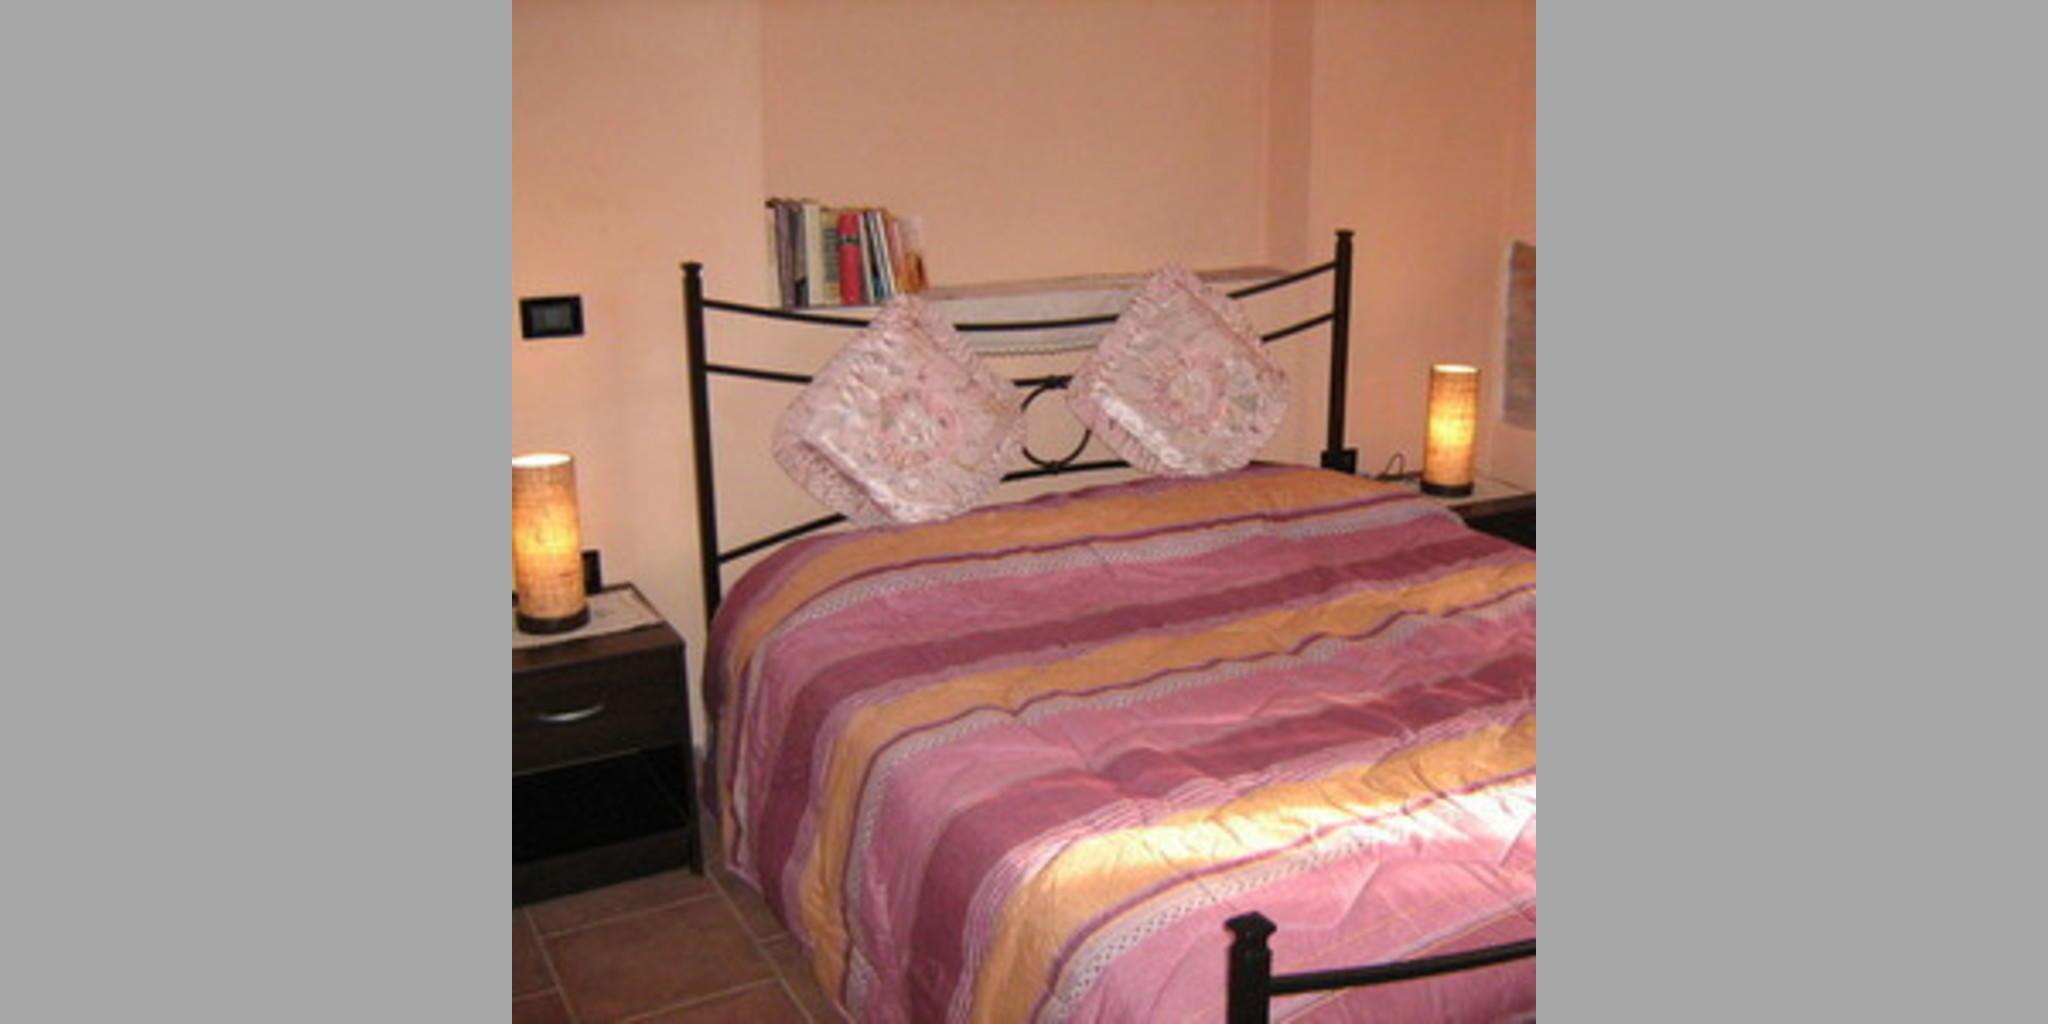 Bed & Breakfast Grisignano Di Zocco - Tra Padova E Vicenza